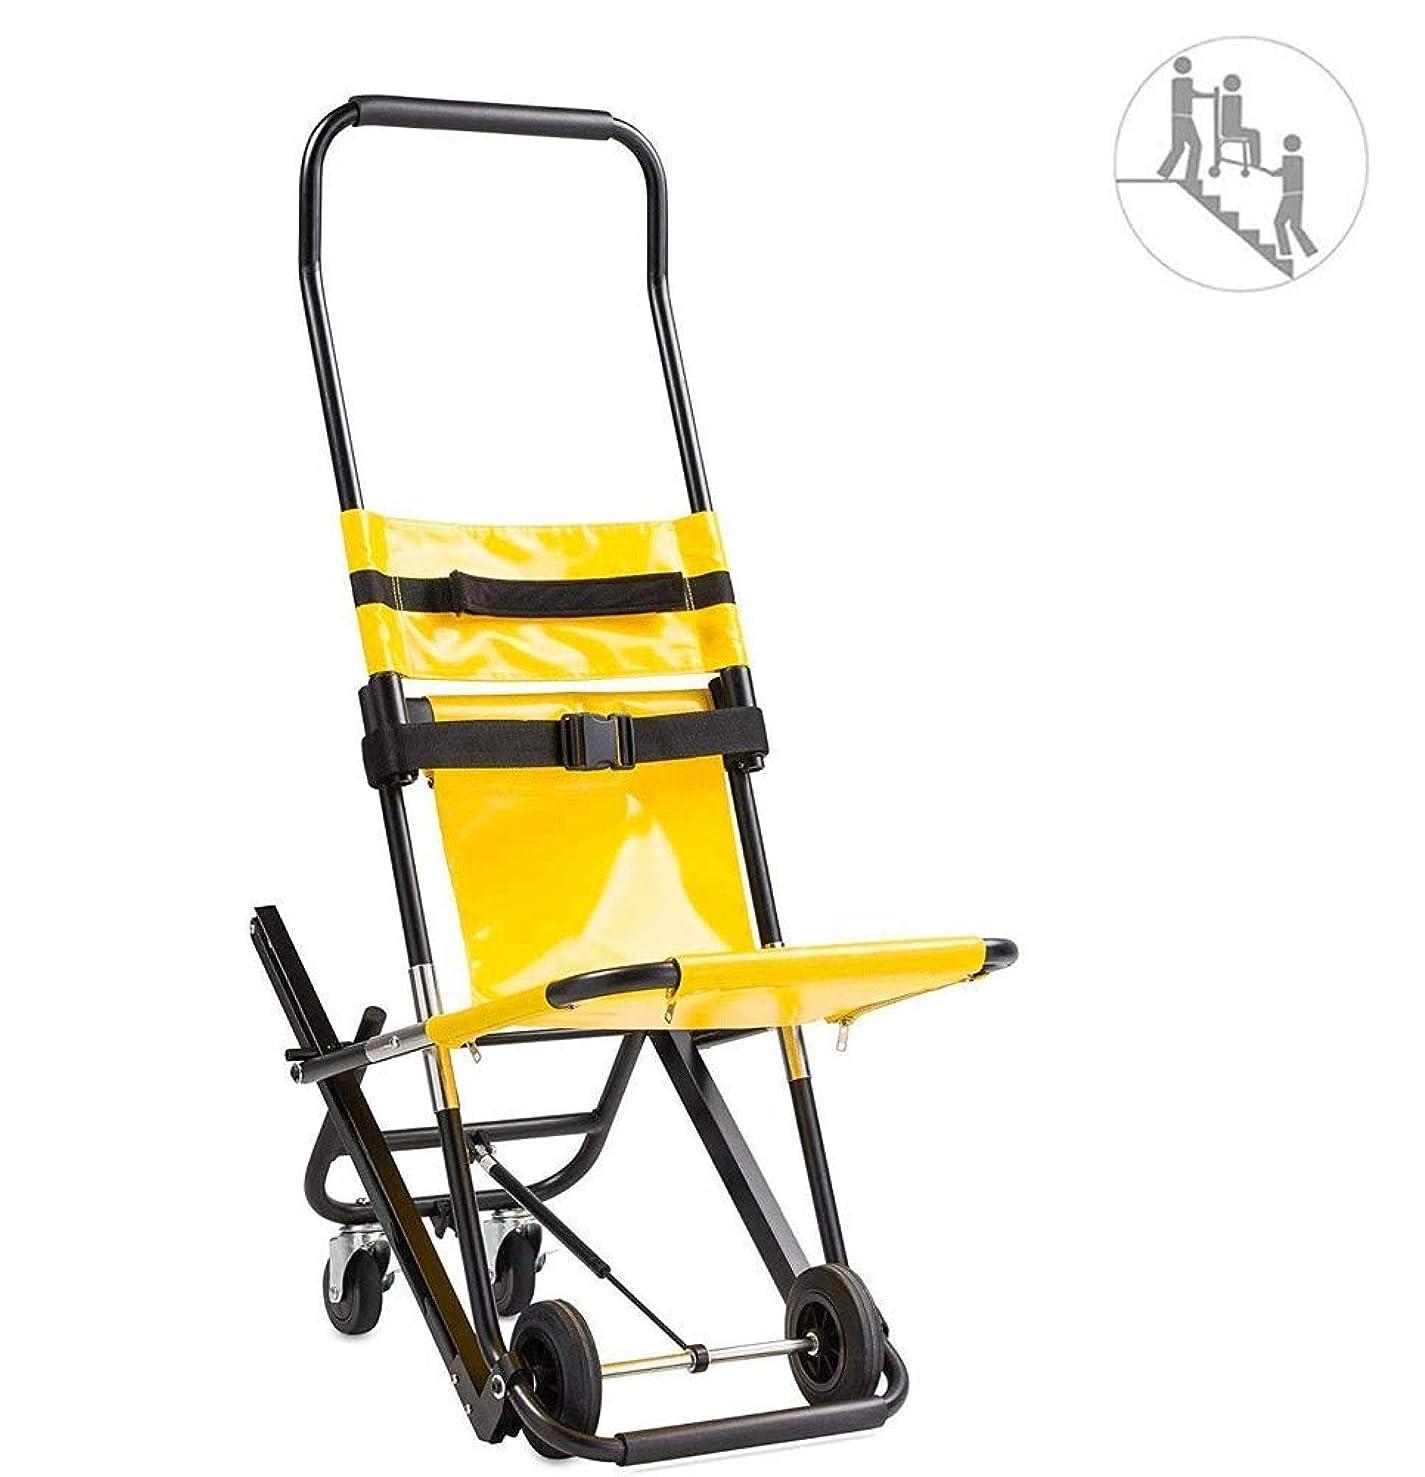 お別れマイルドクリーナー折り畳み式のEMS階段椅子、 メディカルモビリティエイドアルミニウムストレッチャーチェア、高齢者用、身体障害者用、容量159Kg